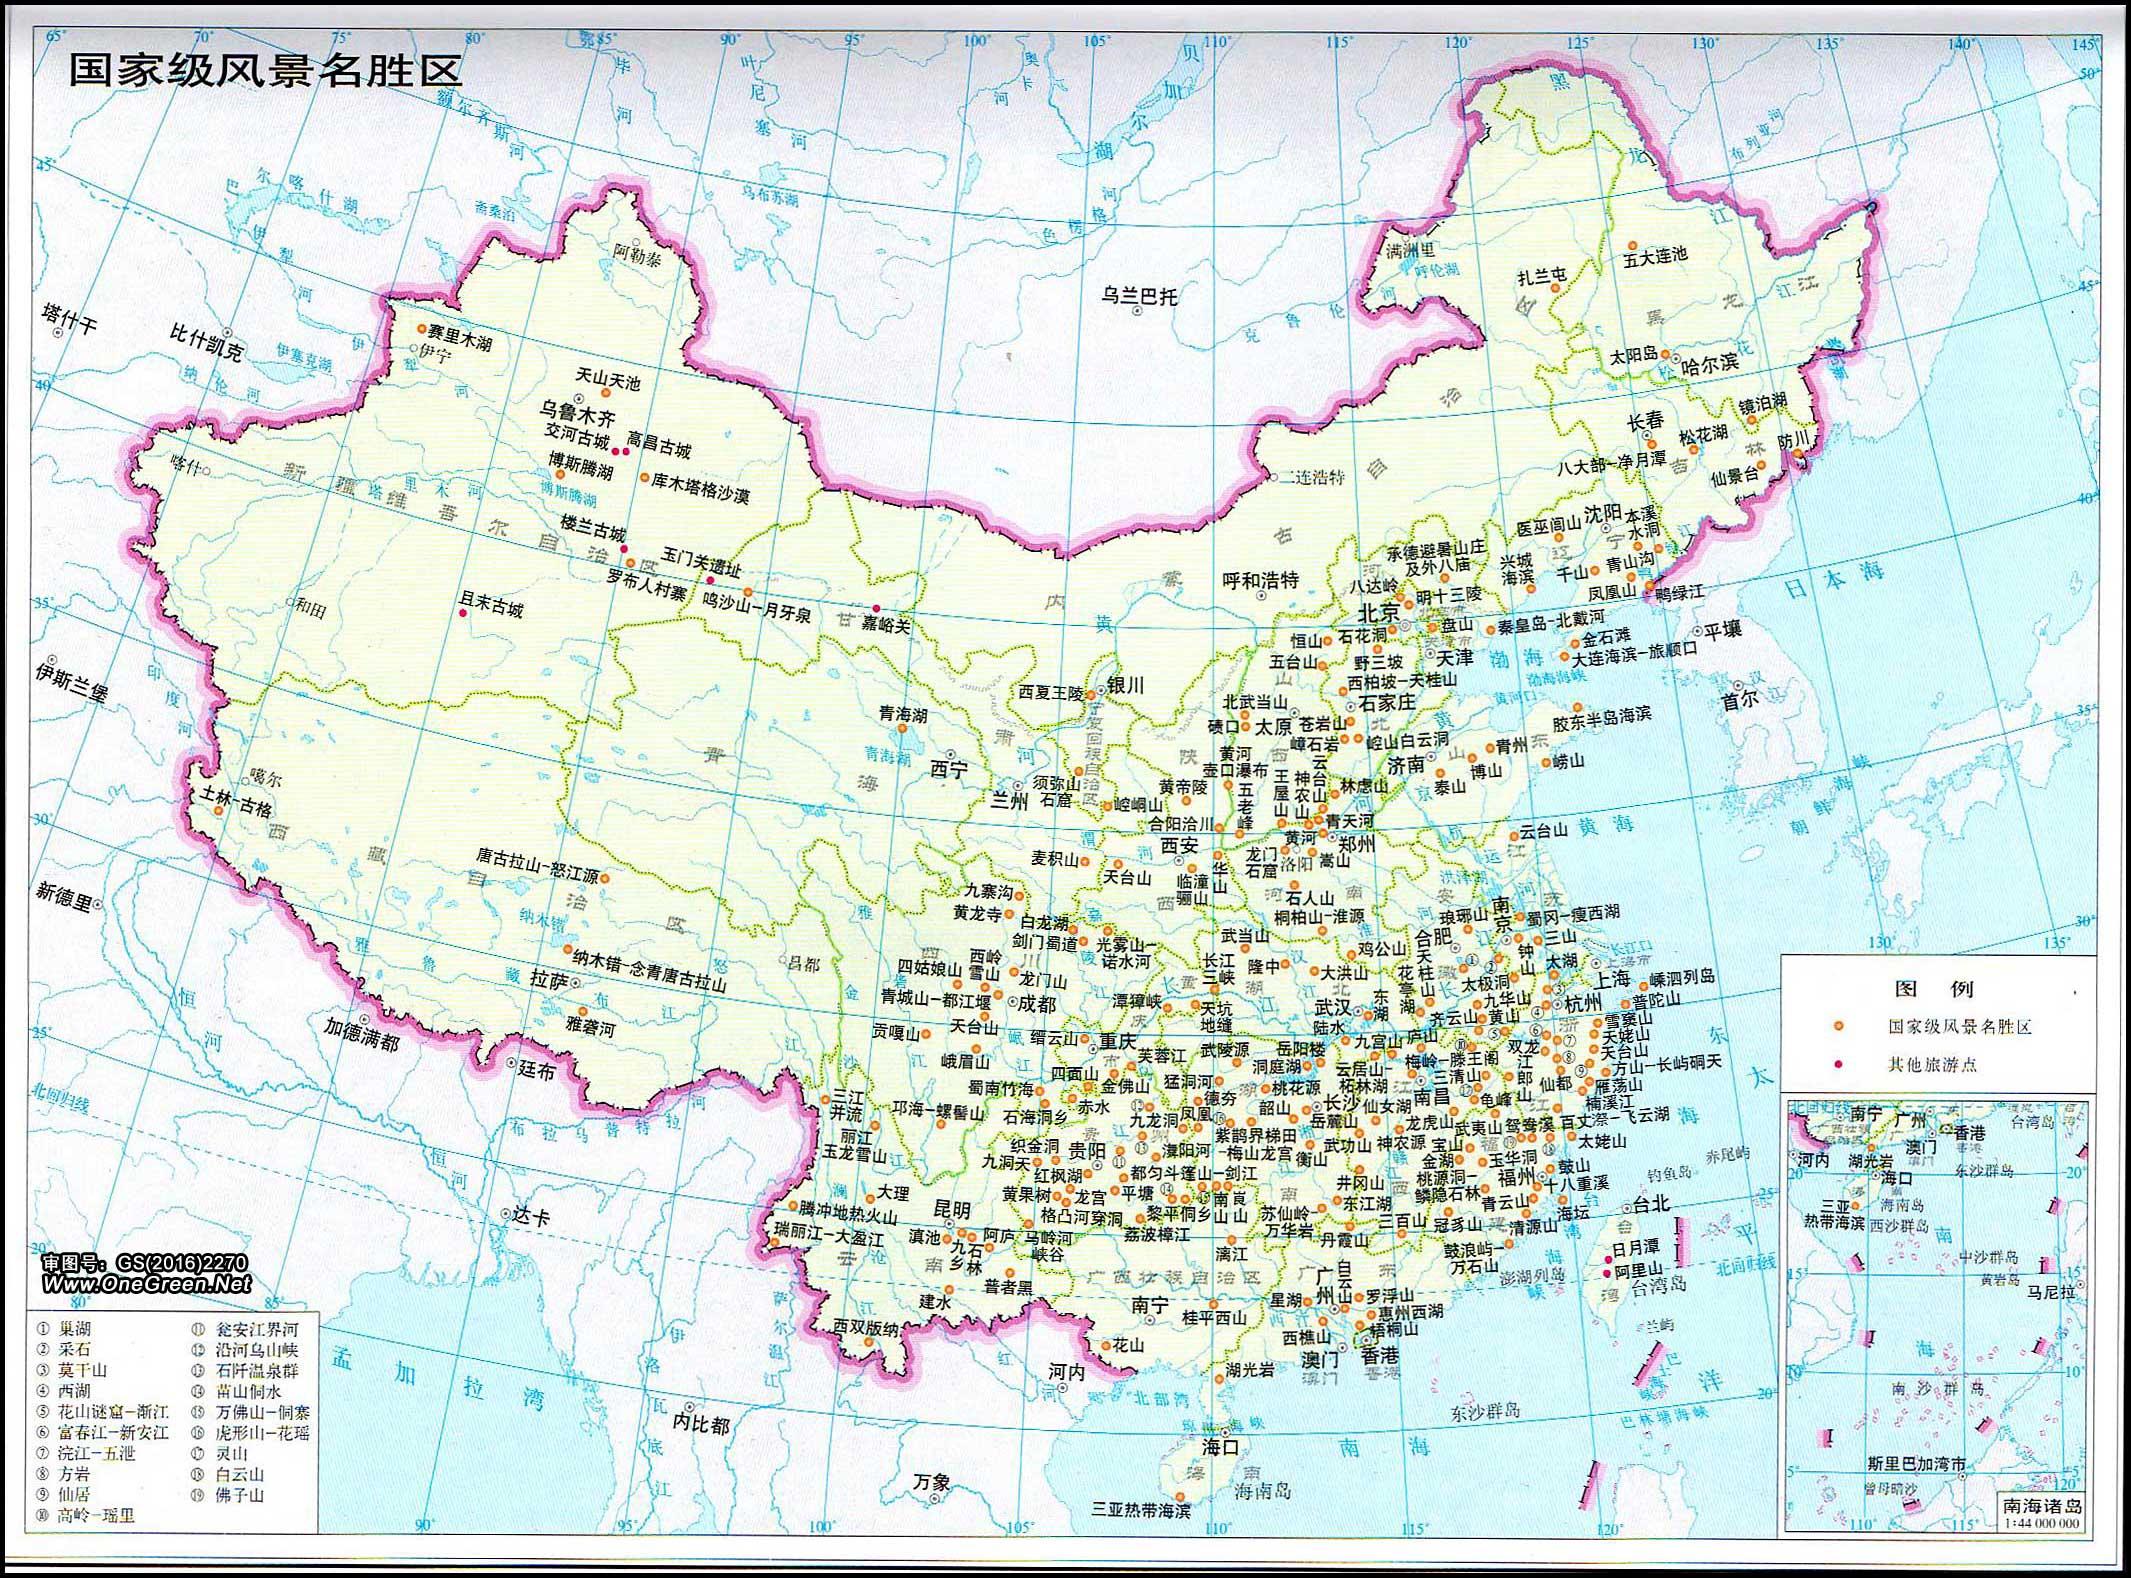 中国顶级旅游景点分布图